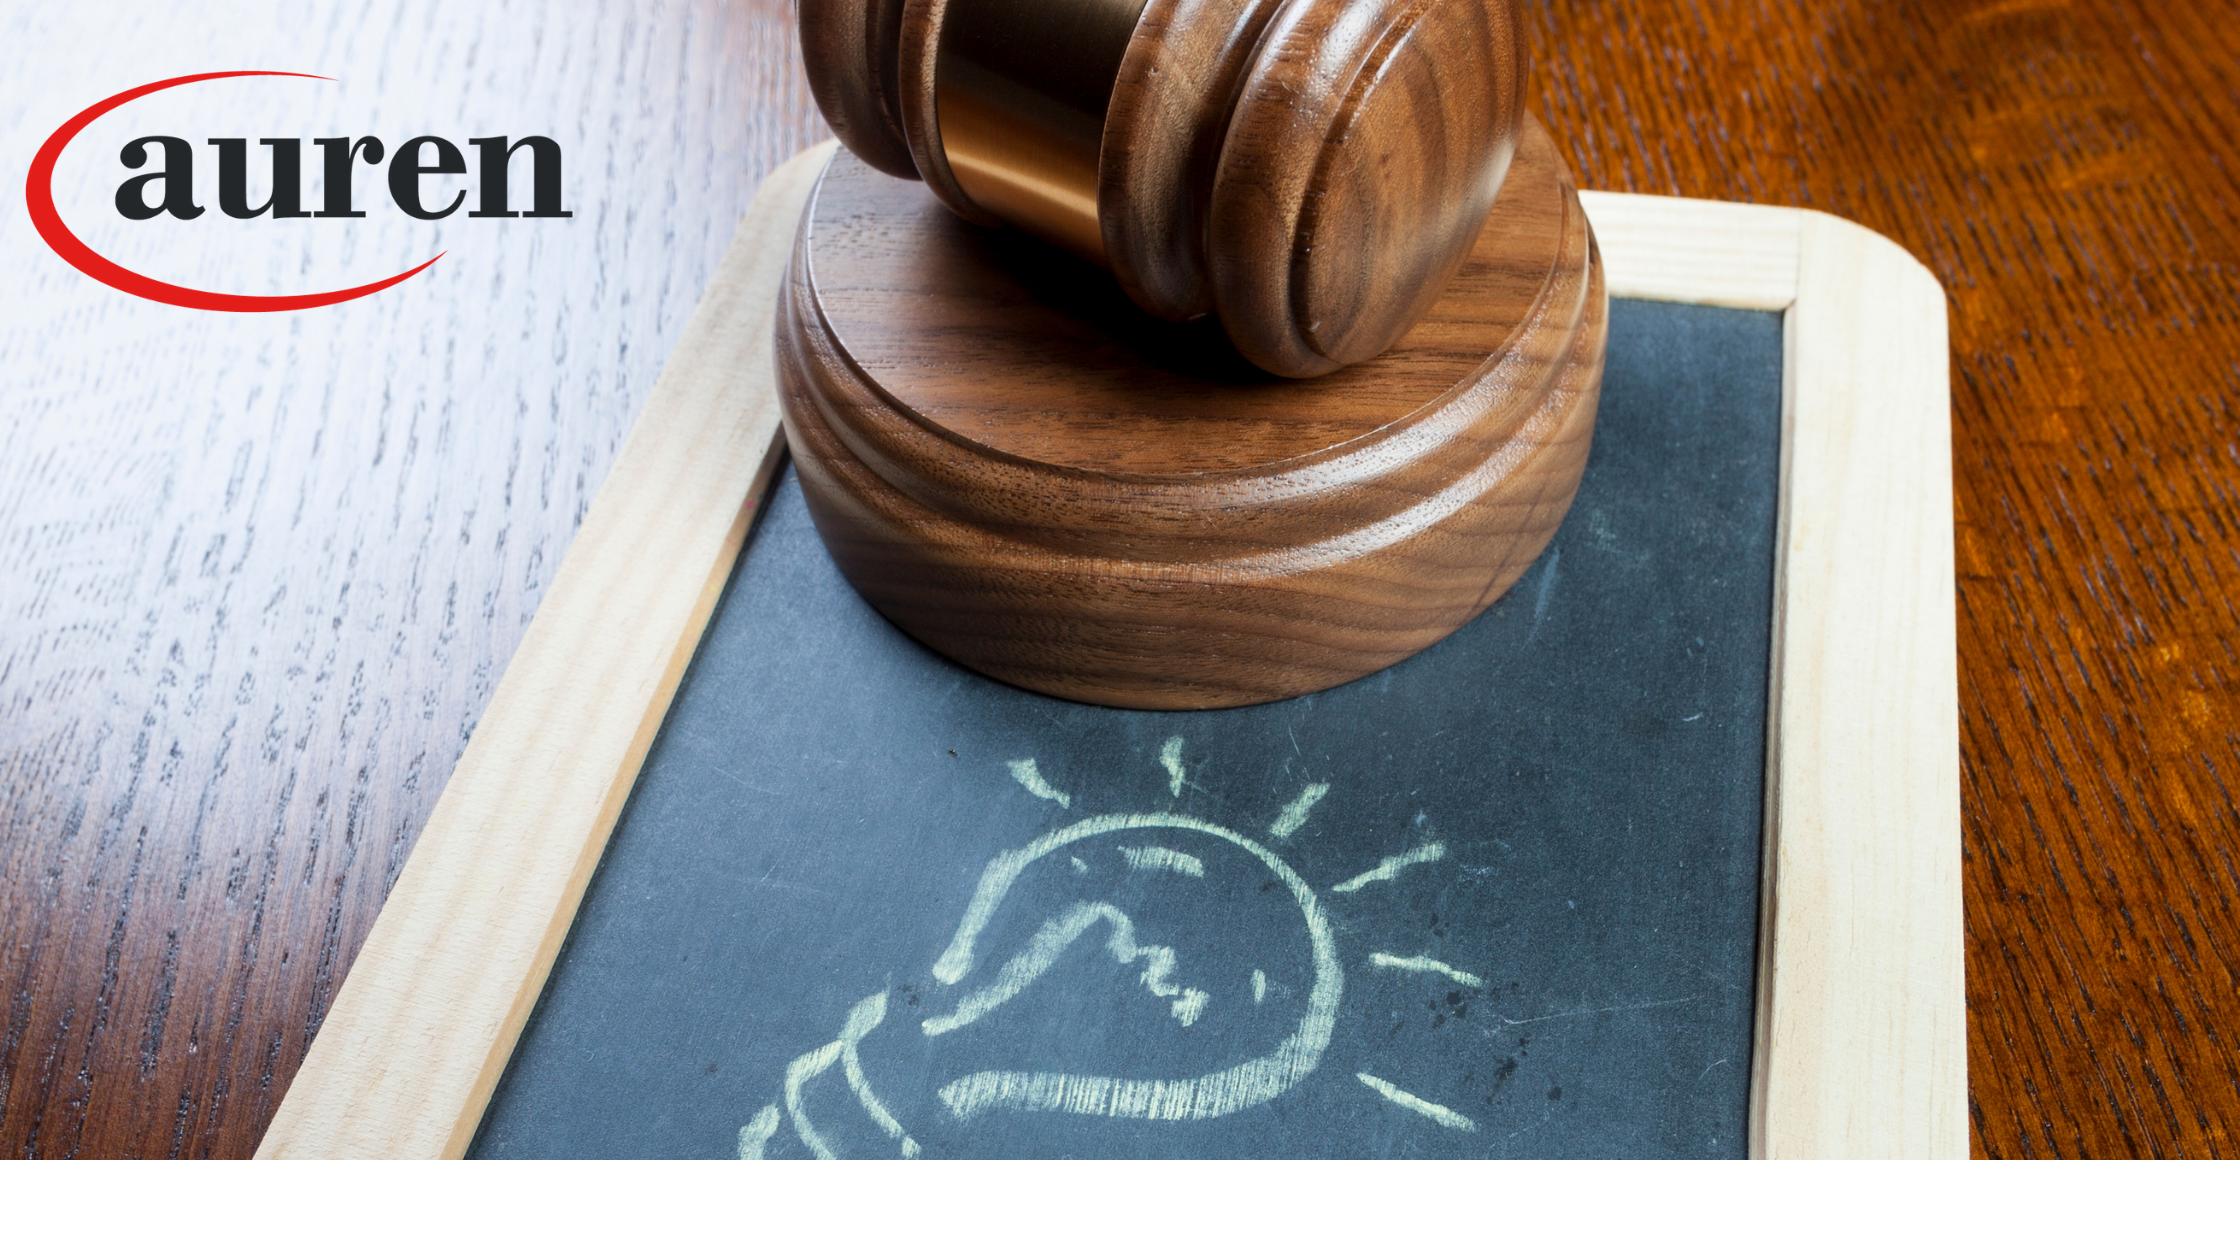 Novedades sobre Patentes, Modelos de Utilidad y Diseños Industriales en la Ley Federal de Protección de la Propiedad